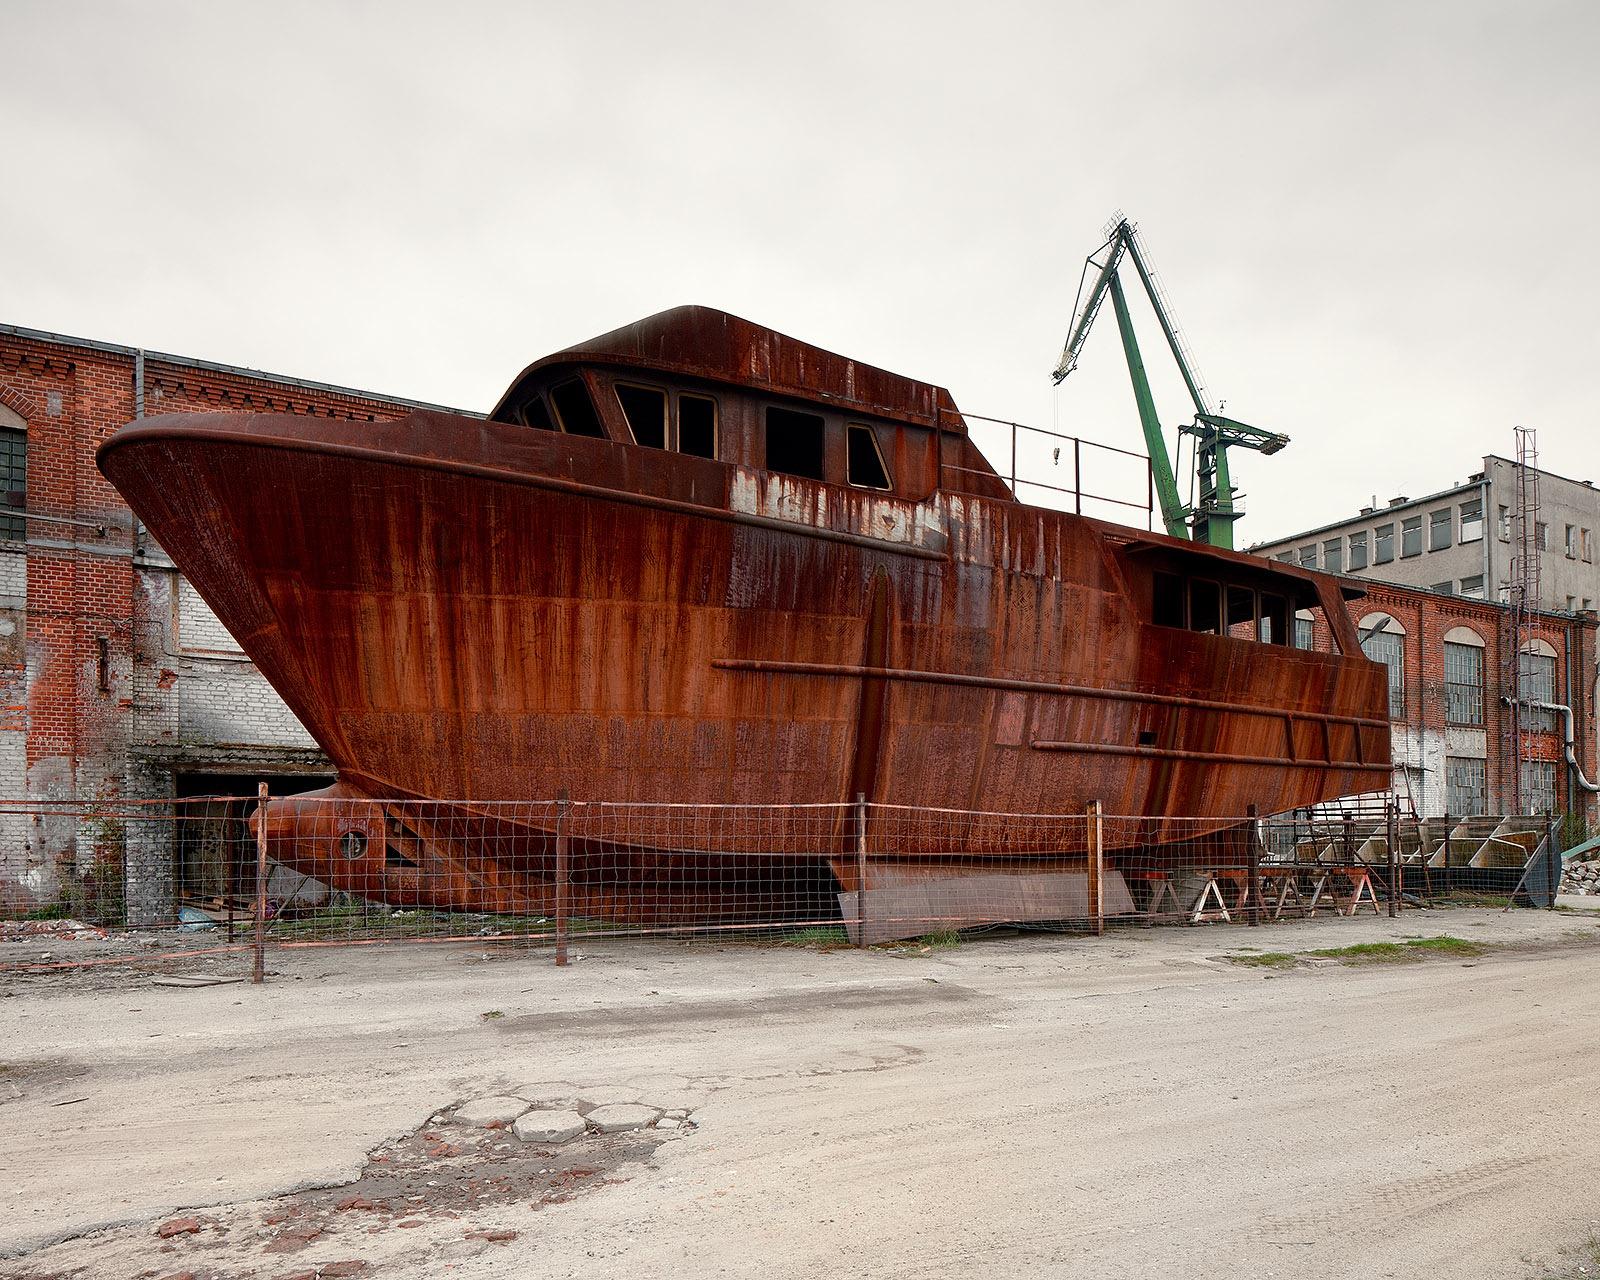 Shipyard #1